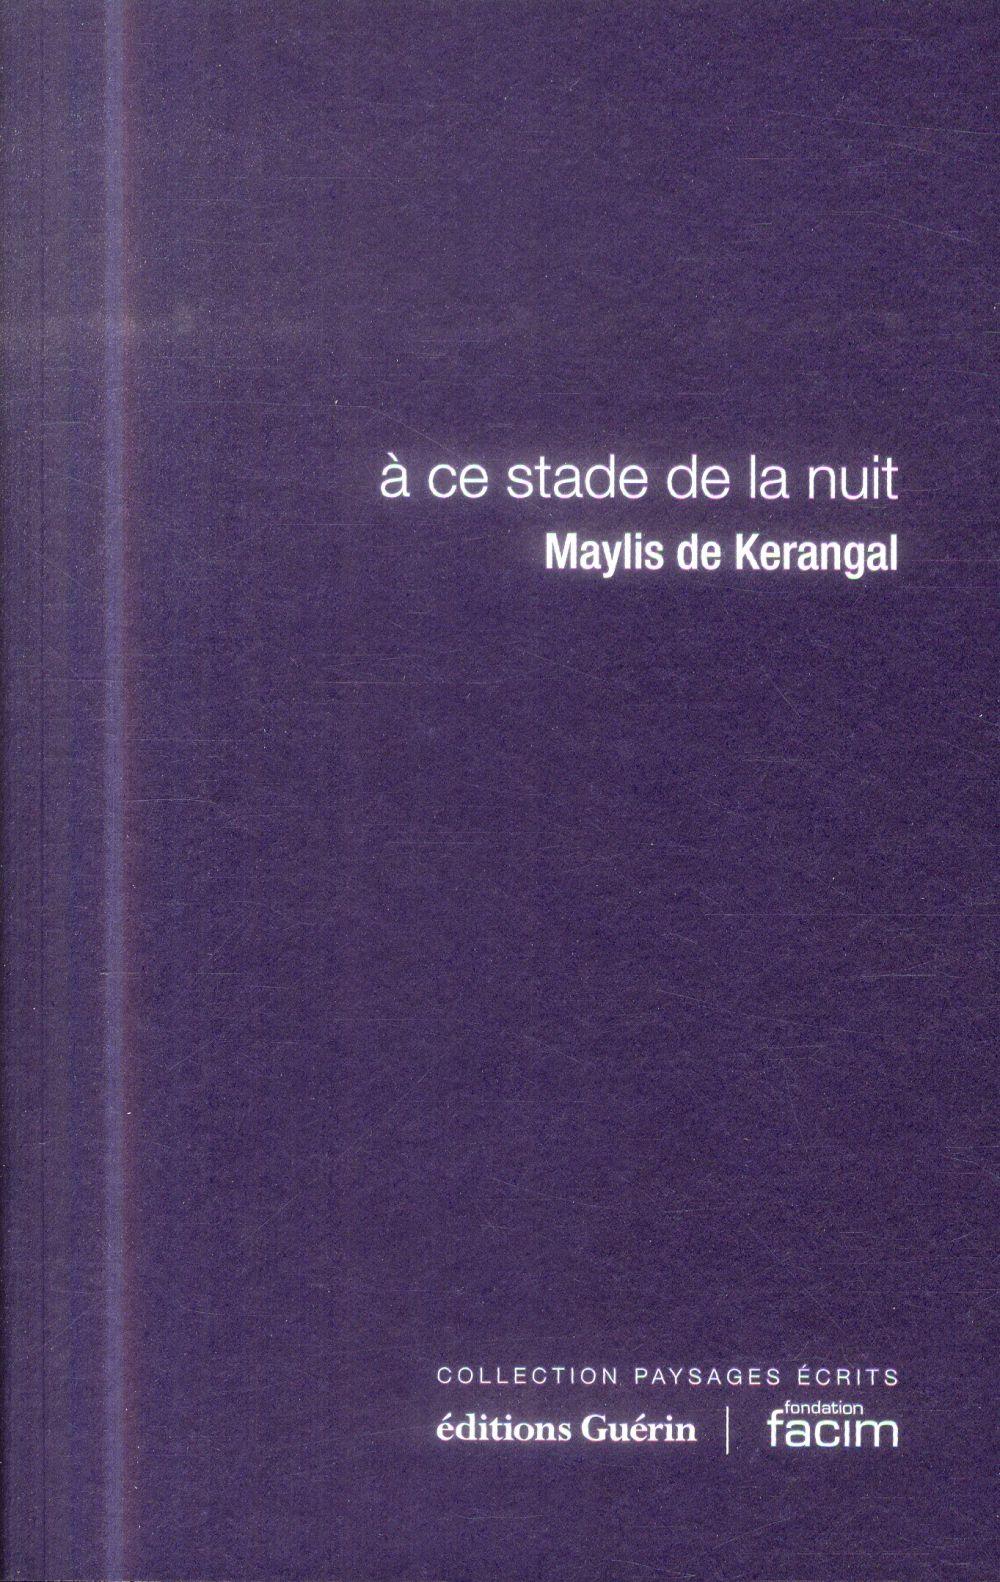 A CE STADE DE LA NUIT